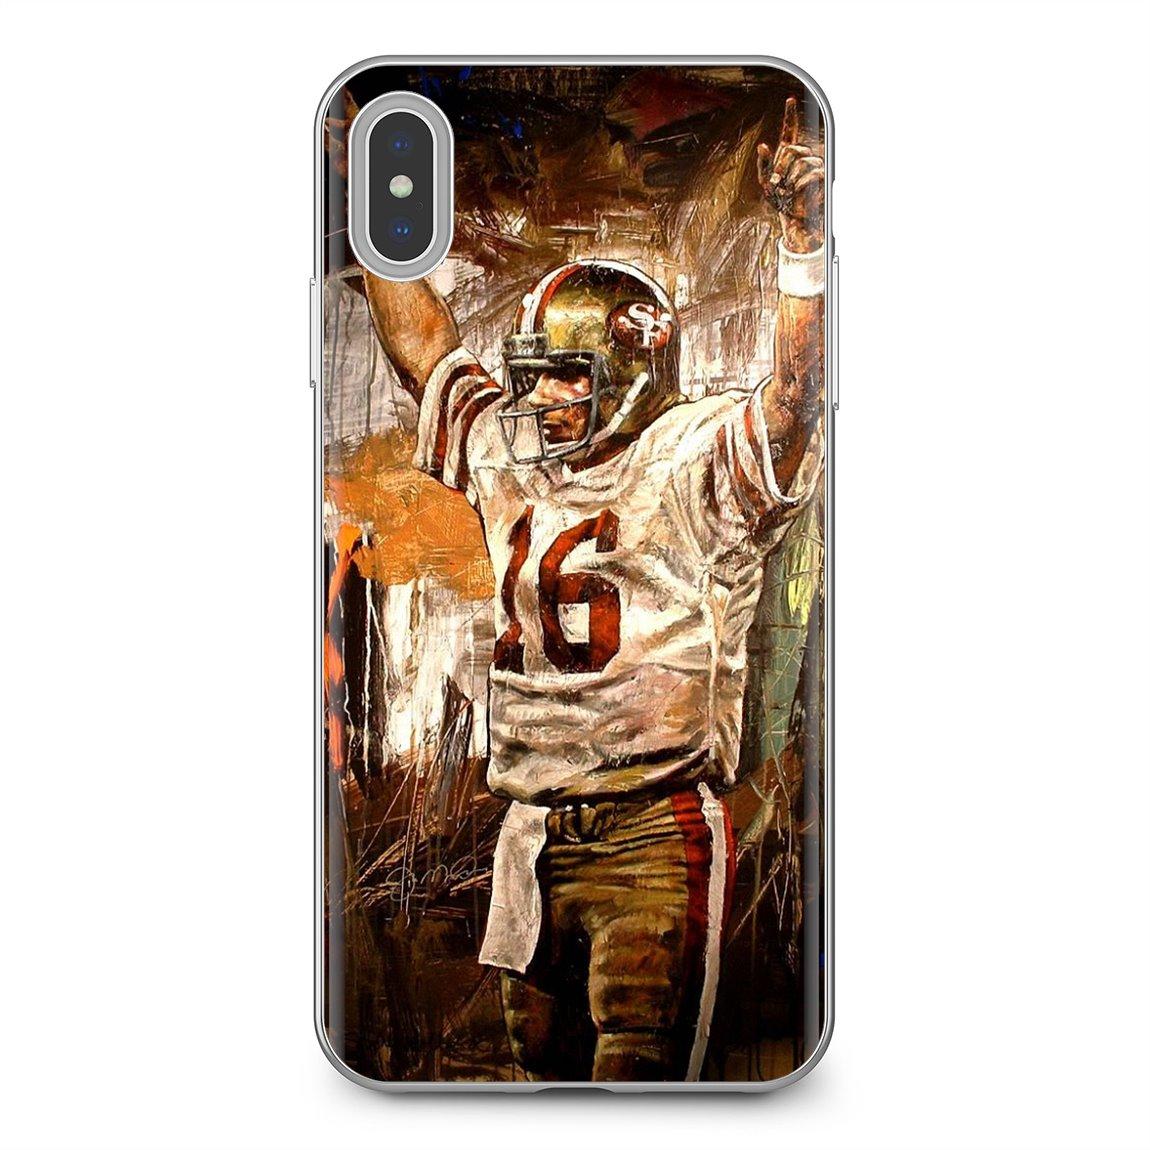 TPU caso suave Joe Montana Super Bowl MVP estrella para Huawei G7 G8 P7 P8 P9 P10 P20 P30 Lite Mini Pro P Smart 2017 de 2018 a 2019